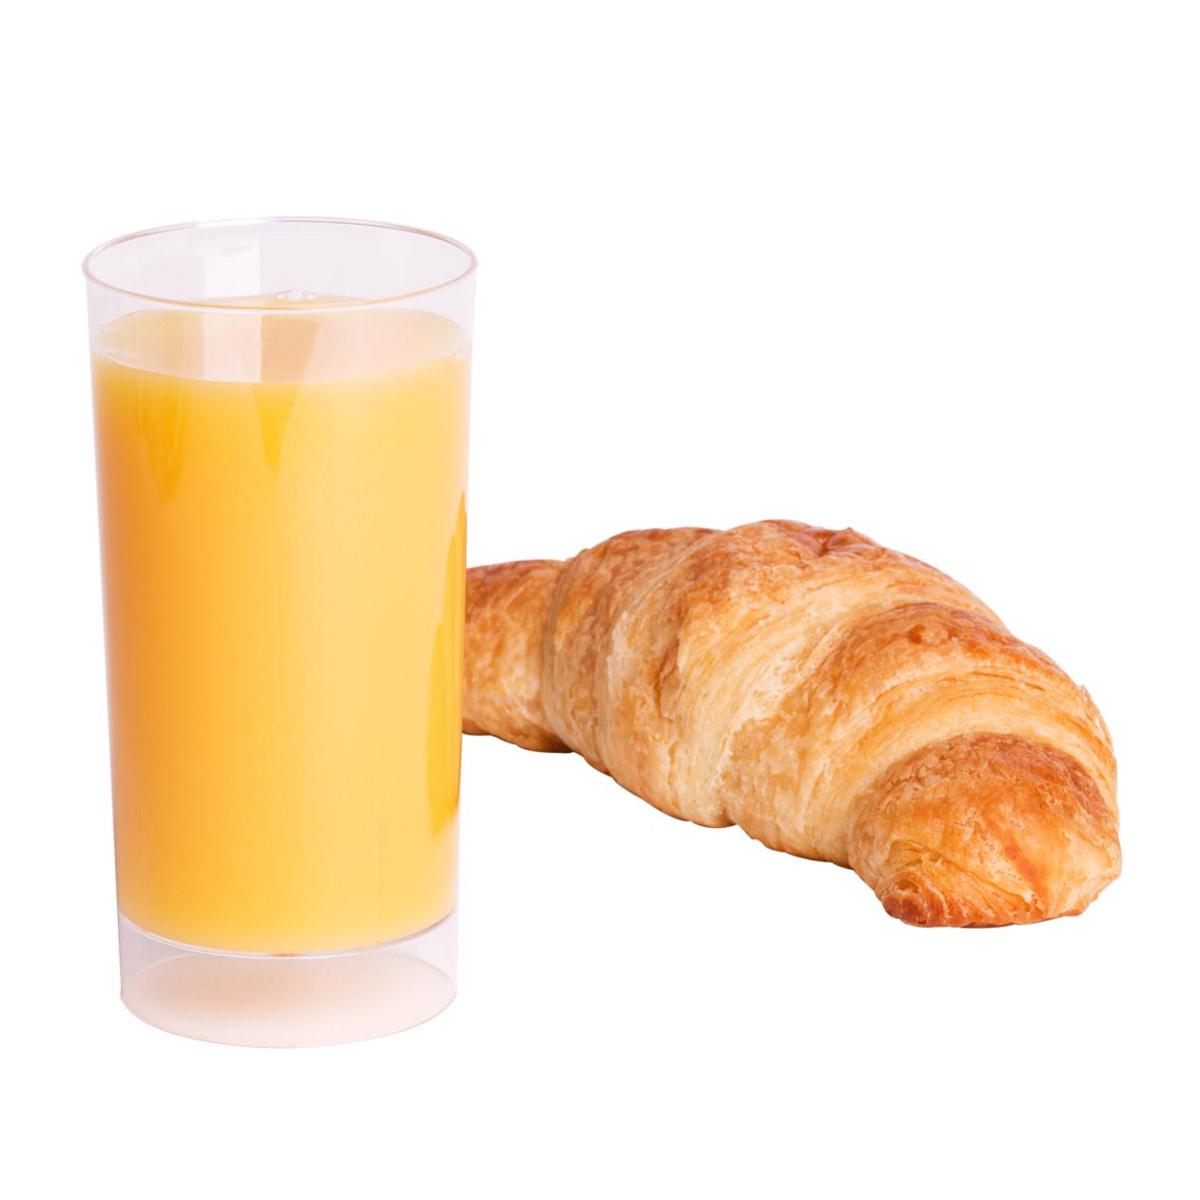 Verre long drink transparent plastique 20 cl Useo (10 pièces)